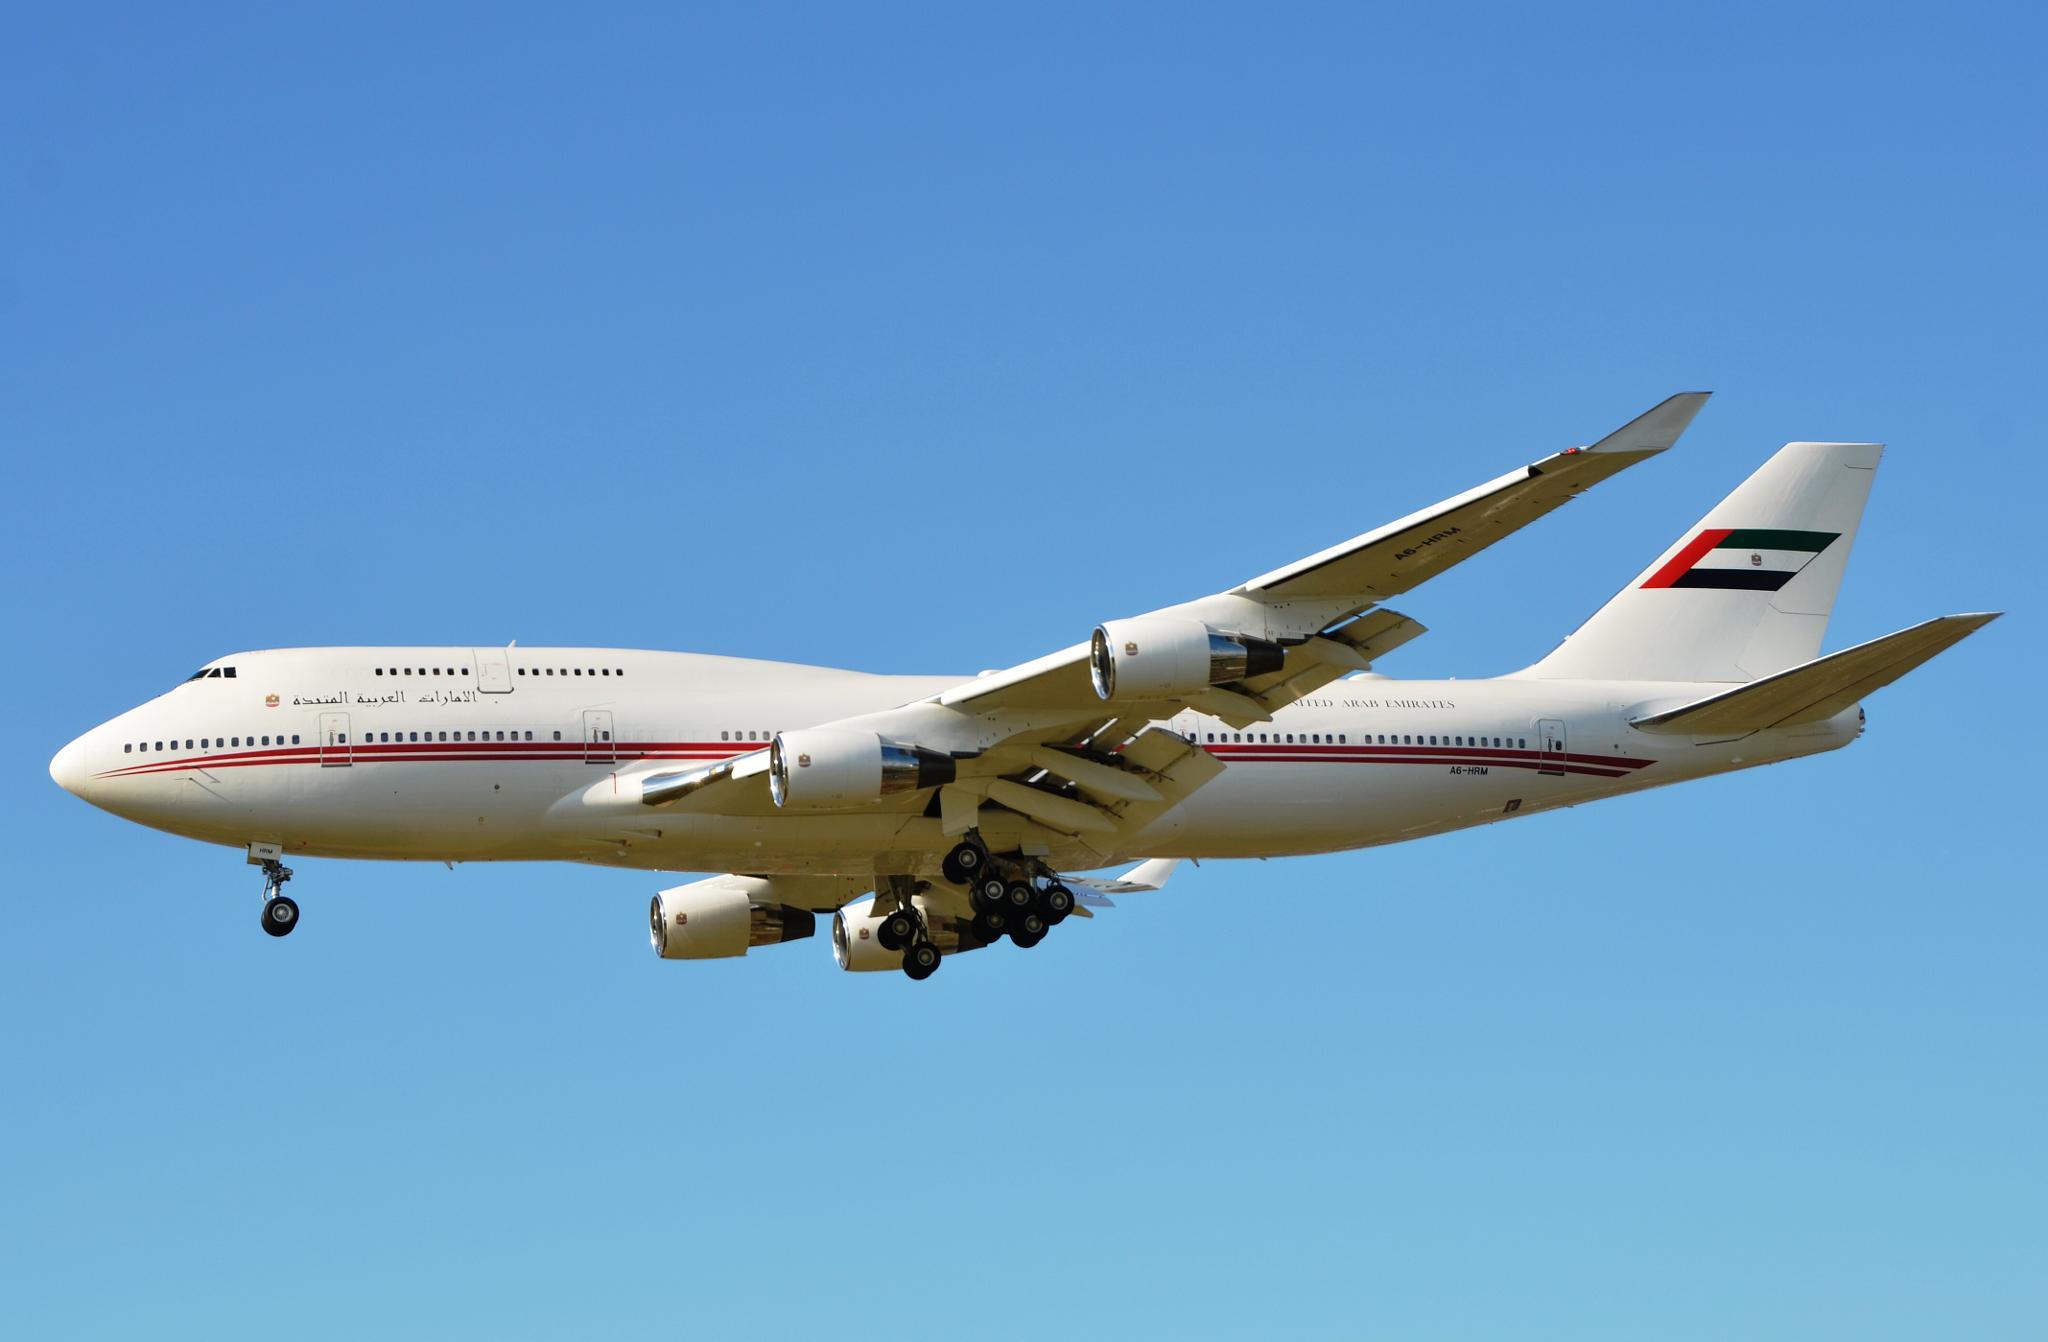 B744 VVIP jet A6-HRM United Arab Emirates at LHR by jarjar-binks.6518